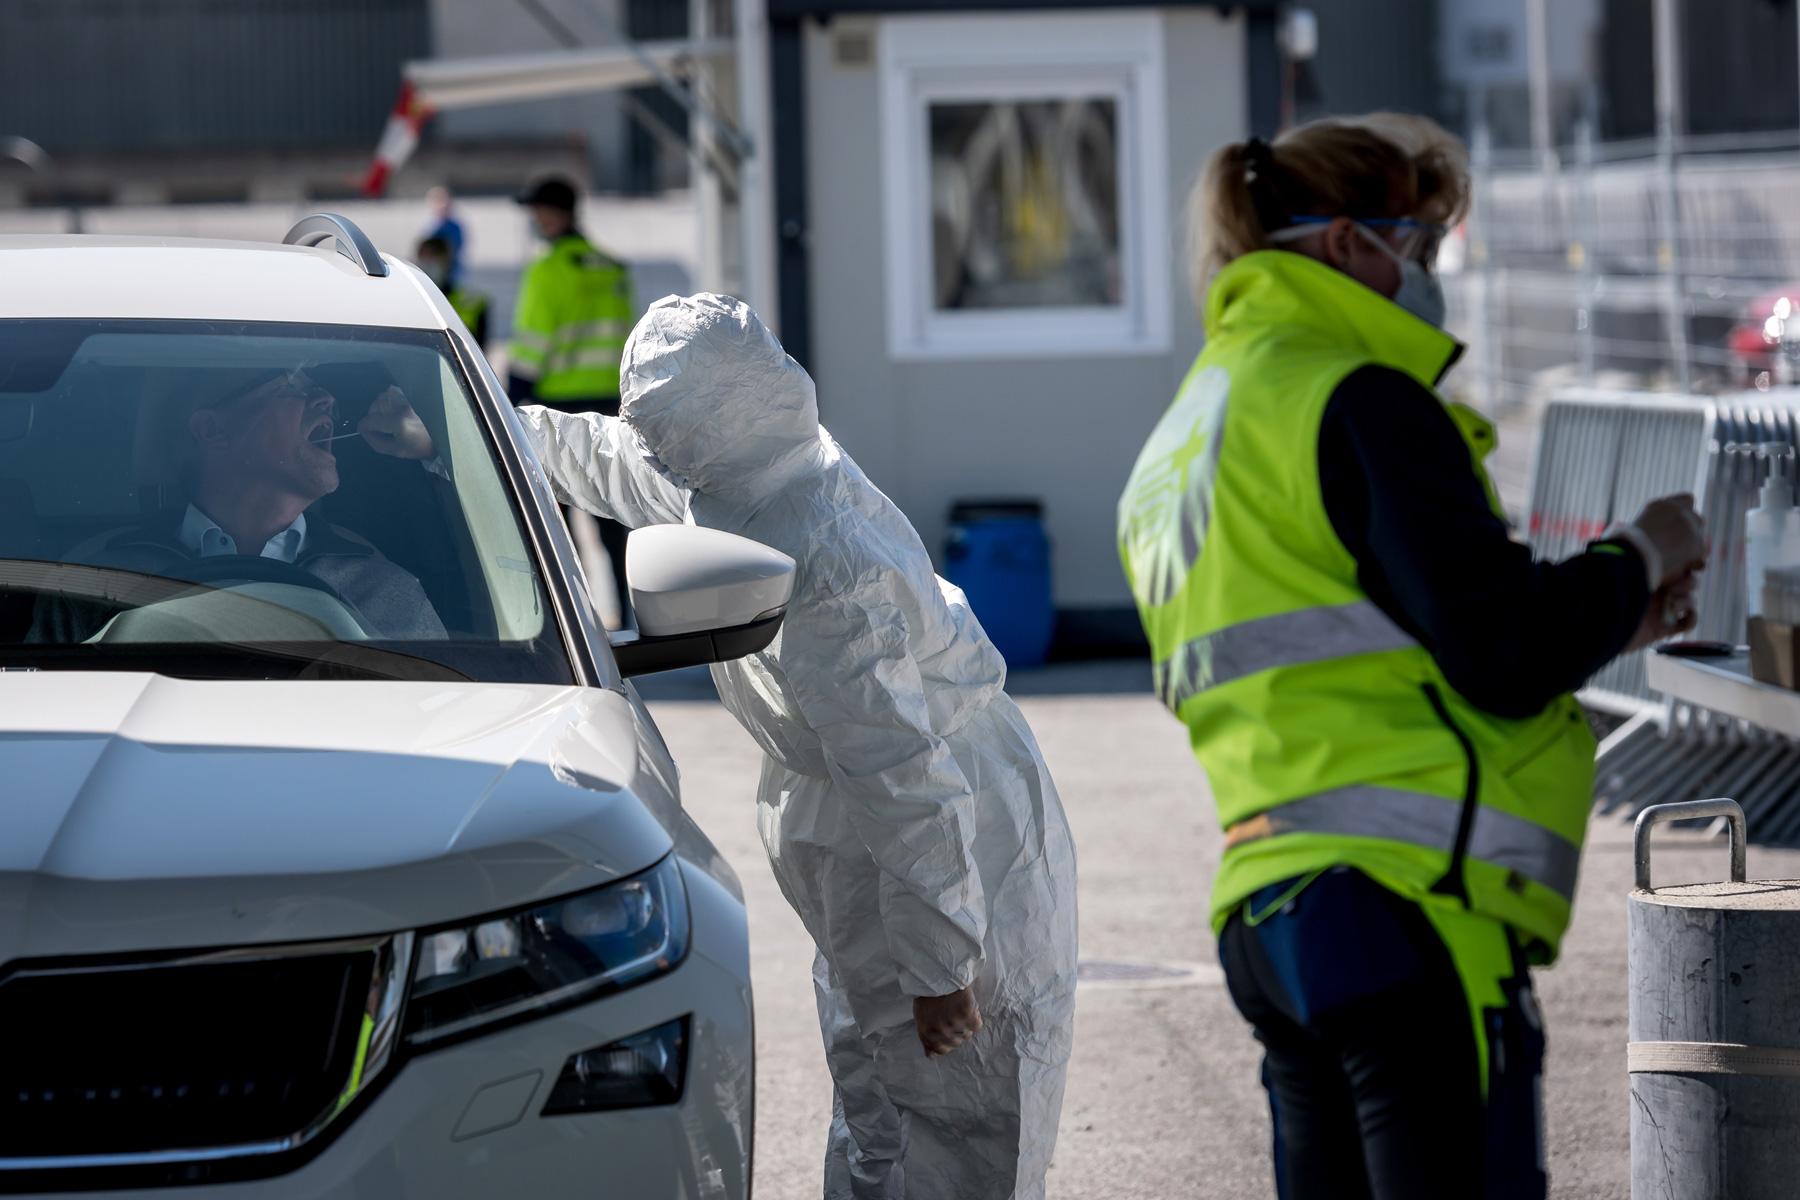 Le dépistage à la portière réduit significativement les risques de propagation du virus. © CRS, Remo Nägeli